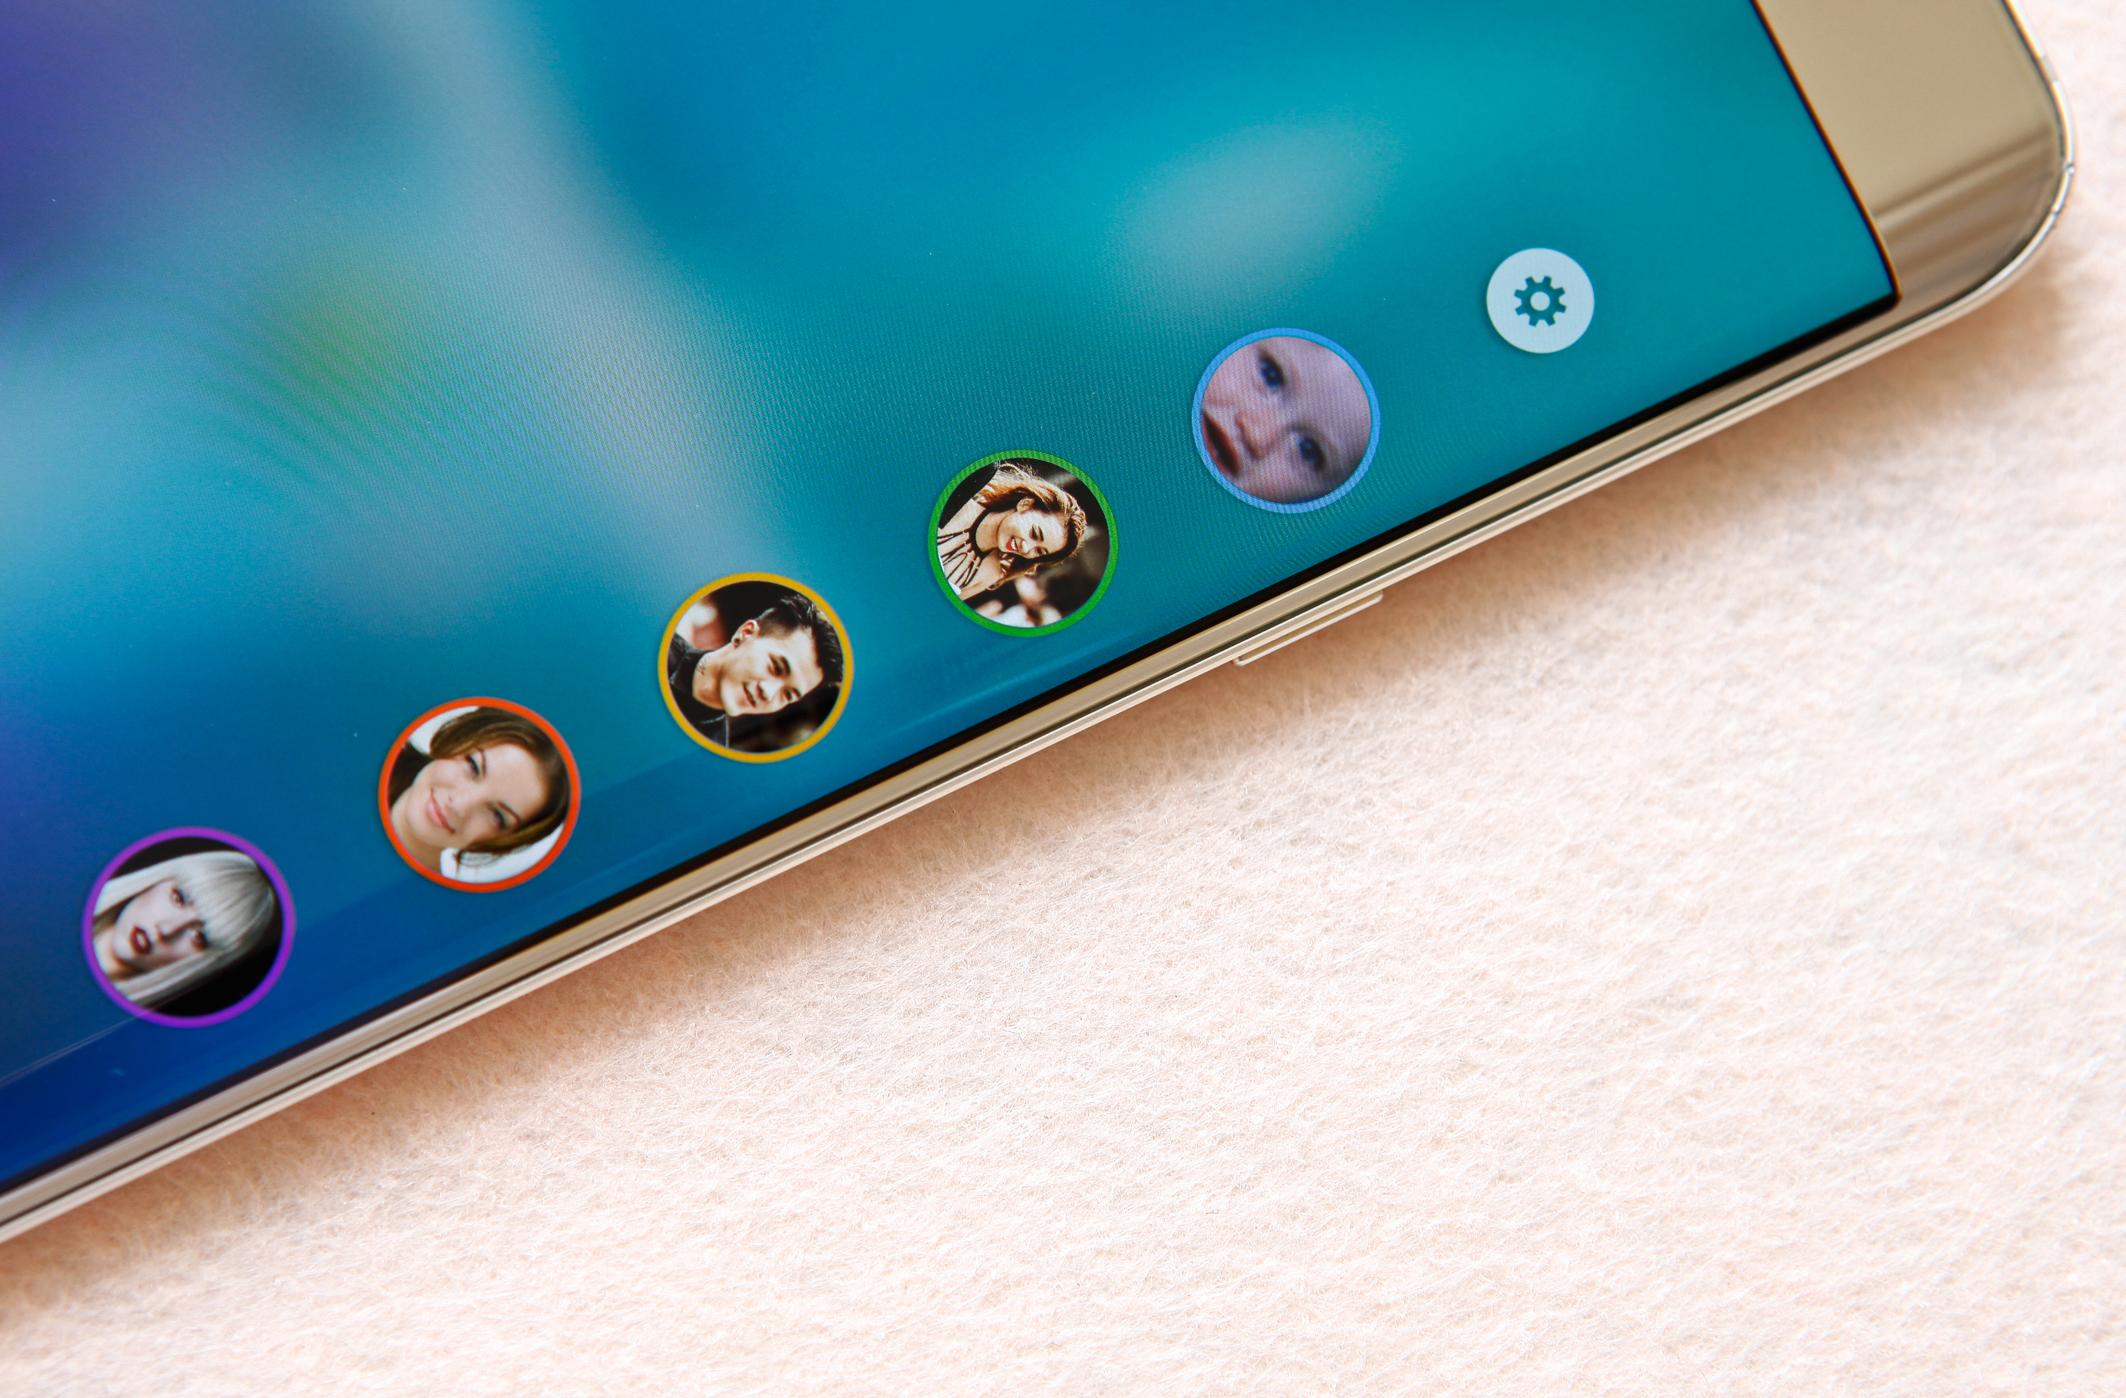 Samsung Galaxy S6 Edge Plus màn hình ấn tượng